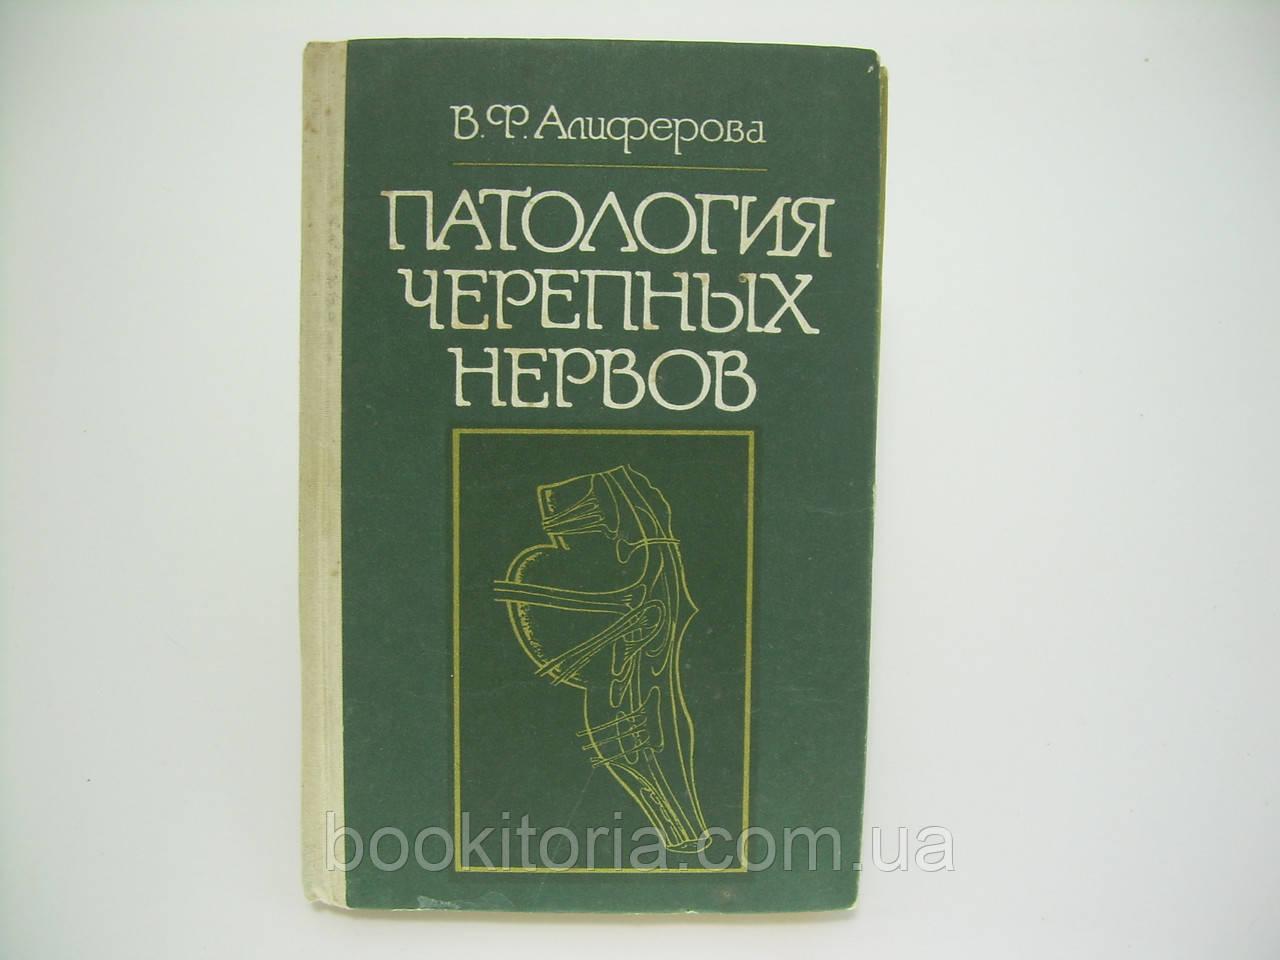 Алиферова В.Ф. Патология черепных нервов (б/у).